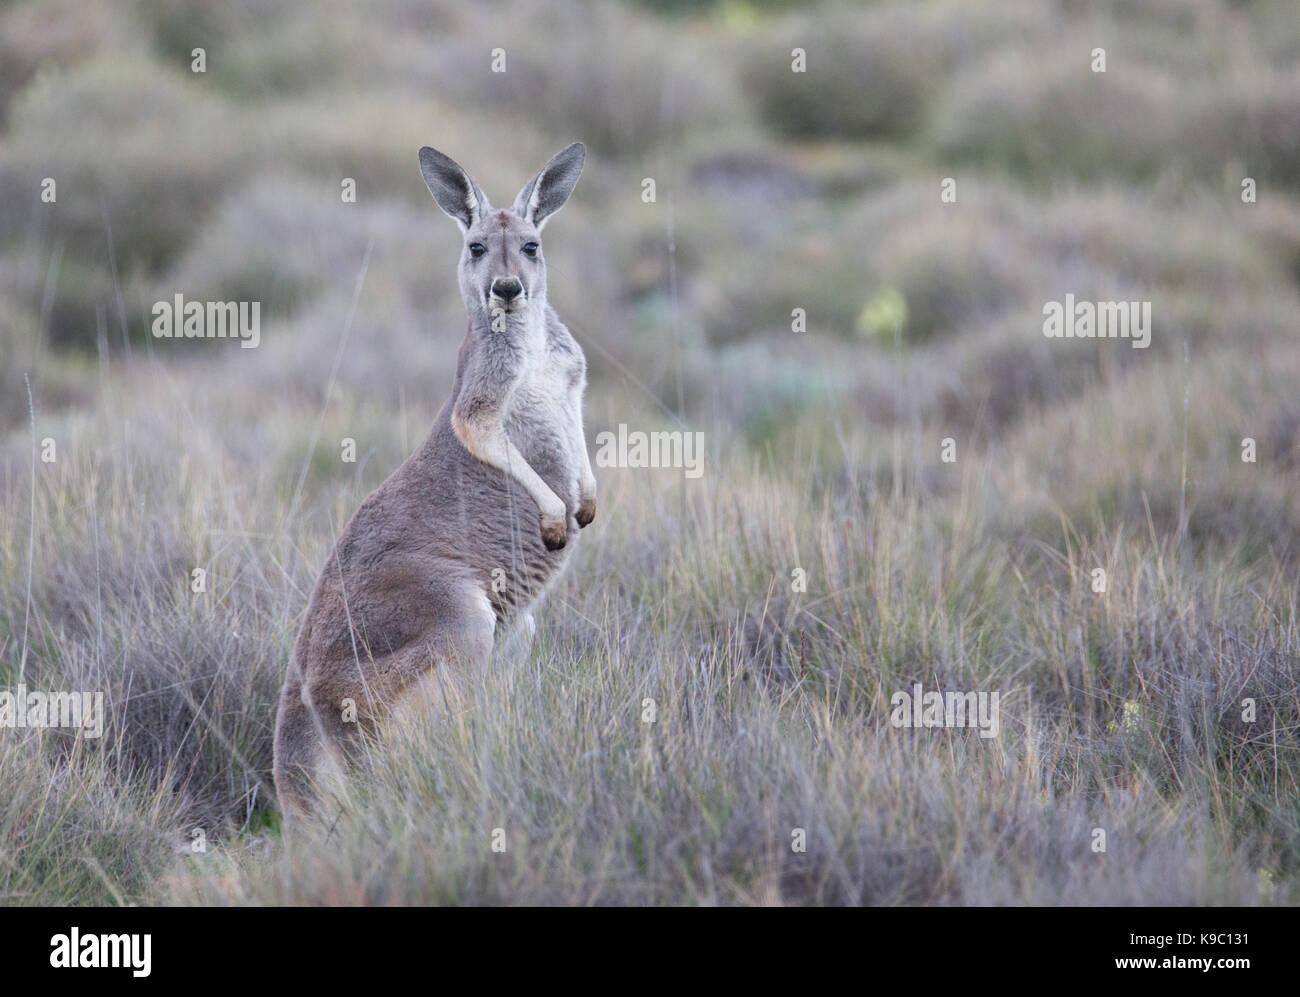 Kangourou rouge (Macropus rufus), Flinders Ranges, Australie du Sud Photo Stock